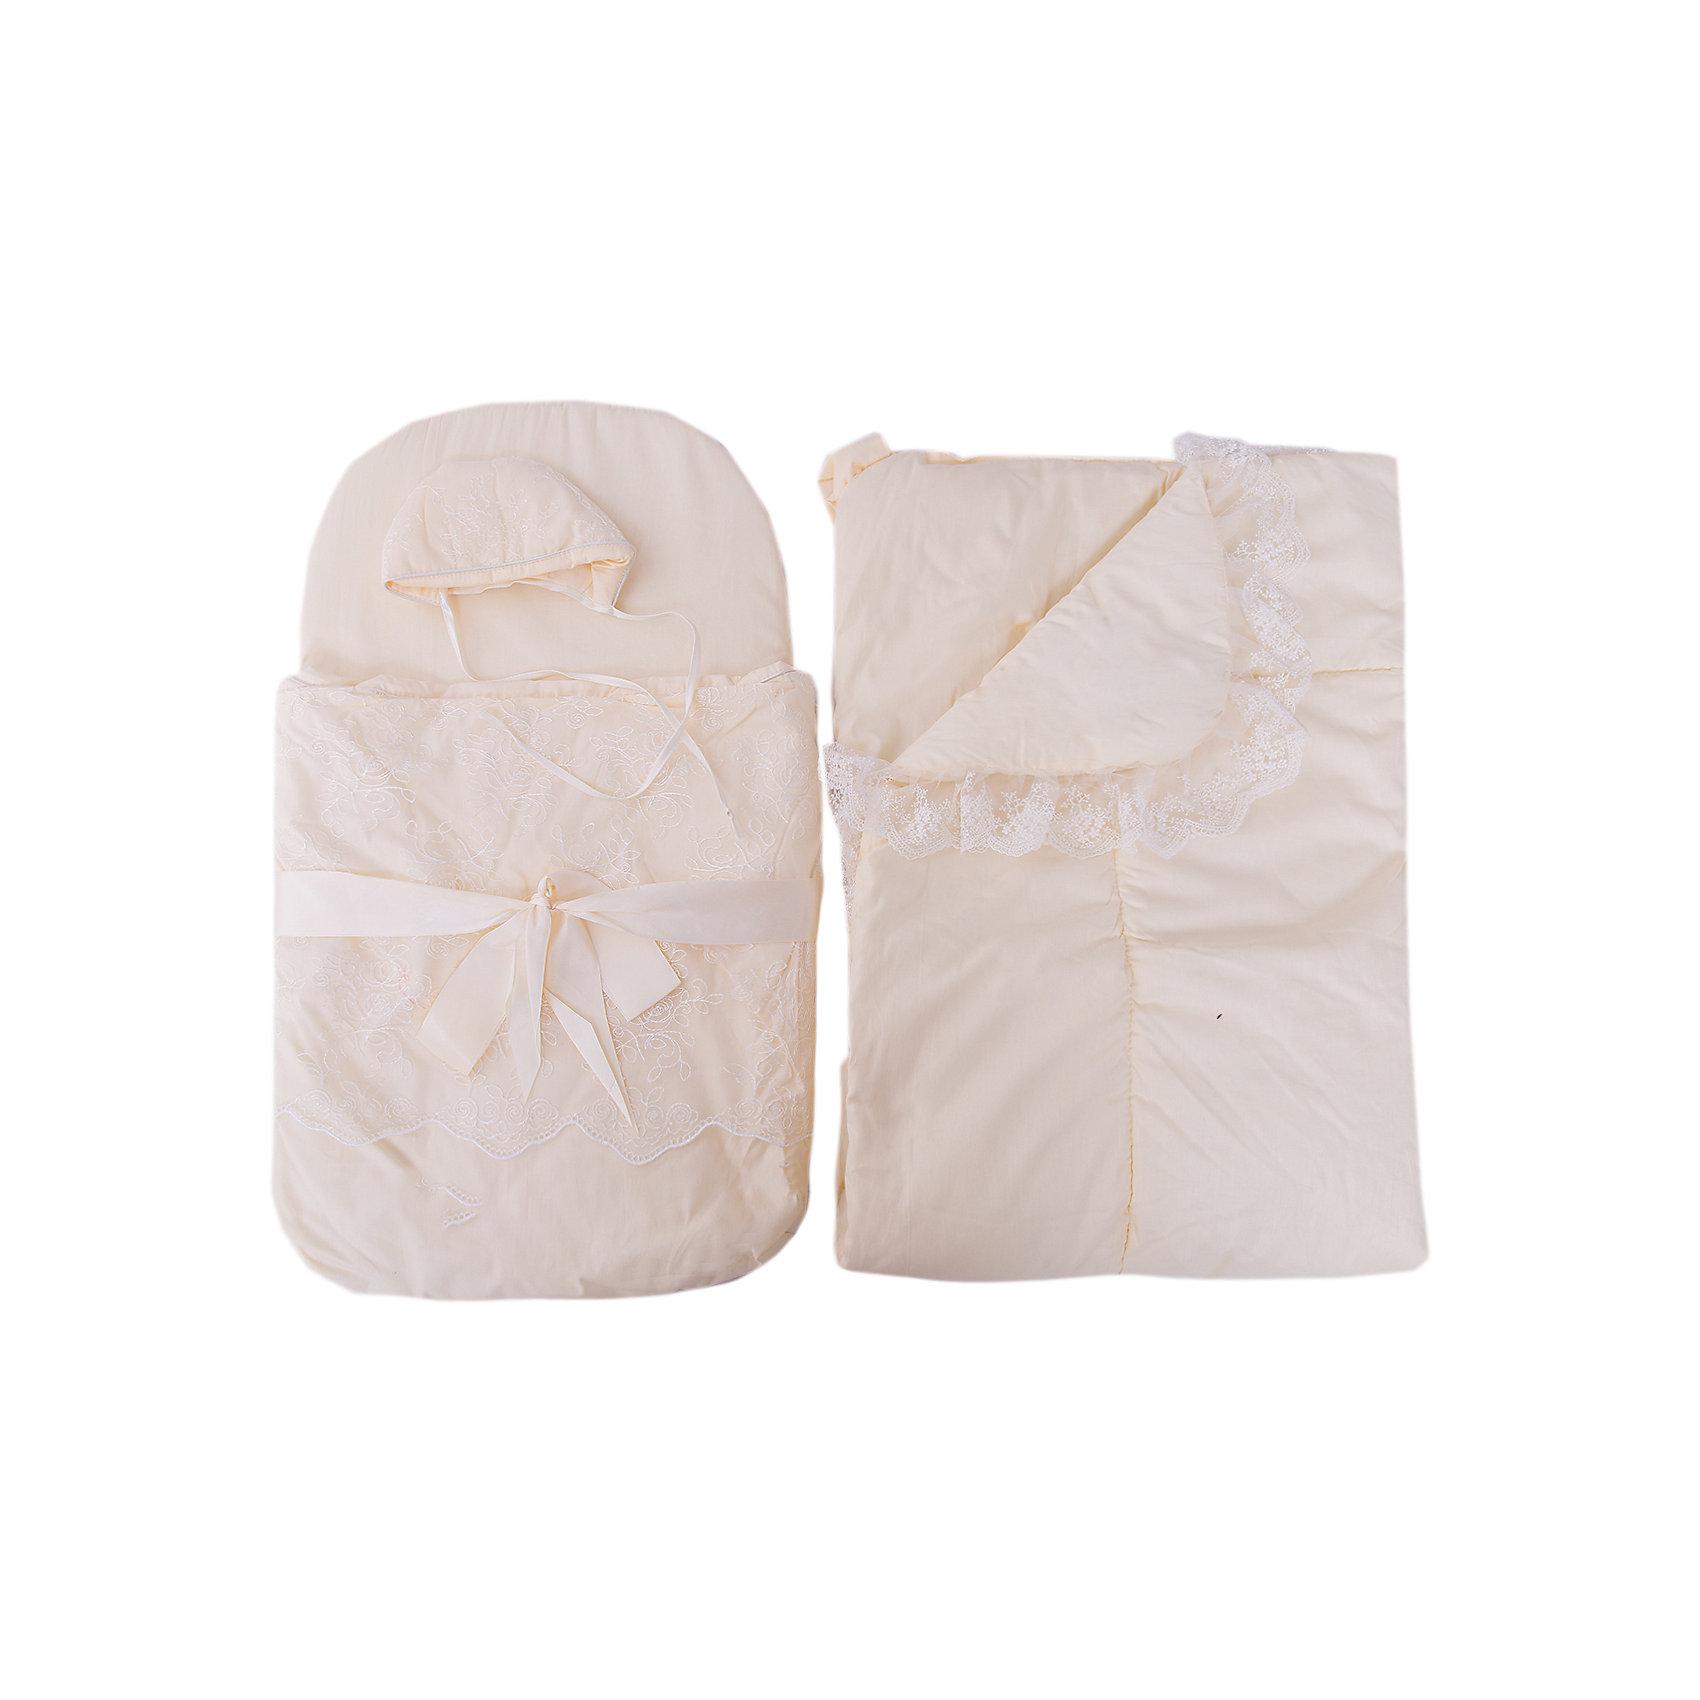 Набор на выписку: конверт, одеяло,чепчик, Baby Nice, бежевыйКомплекты<br>Набор на выписку: конверт, одеяло,чепчик, Baby Nice, бежевый.<br><br>Характеристики:<br><br>- В наборе: конверт, одеяло, чепчик<br>- Материал верха: сатин (100% хлопок)<br>- Подкладка: сатин (100% хлопок)<br>- Наполнитель: файберпласт (плотность 200 г/м2)<br>- Размер одеяла: 95х95 см.<br>- Размер конверта в сложенном виде: 75х45 см.<br>- Размер чепчика: глубина ок.10 см, обхват 50 см.<br>- Минимальный обхват головы: 32 см.<br>- Цвет: бежевый<br>- Инструкция по уходу: стирка в прохладной воде при температуре 30°С, гладить при низкой температуре, не отбеливать<br><br>Комплект на выписку от российского производителя Baby Nice прекрасно подойдет для выписки новорожденного из роддома. Комплект состоит из конверта, теплого одеяла и чепчика. В дальнейшем его можно использовать во время прогулок с малышом в коляске-люльке. Элементы комплекта изготовлены из сатина (100% хлопок). В качестве утеплителя используется файберпласт - качественный, легкий и неприхотливый в эксплуатации нетканый материал, который великолепно удерживает тепло, дышит, является гипоаллергенным, прекрасно стирается, практически не слеживается, быстро сохнет и не впитывает неприятные запахи. Конверт по бокам застегивается на длинную застежку-молнию с двойным бегунком. Передняя часть конверта отстегивается, что помогает нижнюю часть использовать как коврик. Конверт украшен ажурным кружевом и декоративным атласным бантом. Мягкое воздушное одеяло украшено неширокой вуалью и дополнено ленточкой для удобного пеленания. Мягкий чепчик, необходимый любому младенцу, защищает еще не заросший родничок, щадит чувствительный слух малыша, прикрывая ушки, и предохраняет от теплопотерь. Утепленный чепчик дополнен завязками. Оригинальный комплект на выписку порадует взгляд молодых родителей.<br><br>Набор на выписку: конверт, одеяло,чепчик, Baby Nice, бежевый можно купить в нашем интернет-магазине.<br><br>Ширина мм: 200<br>Глубина мм: 100<br>Высота мм